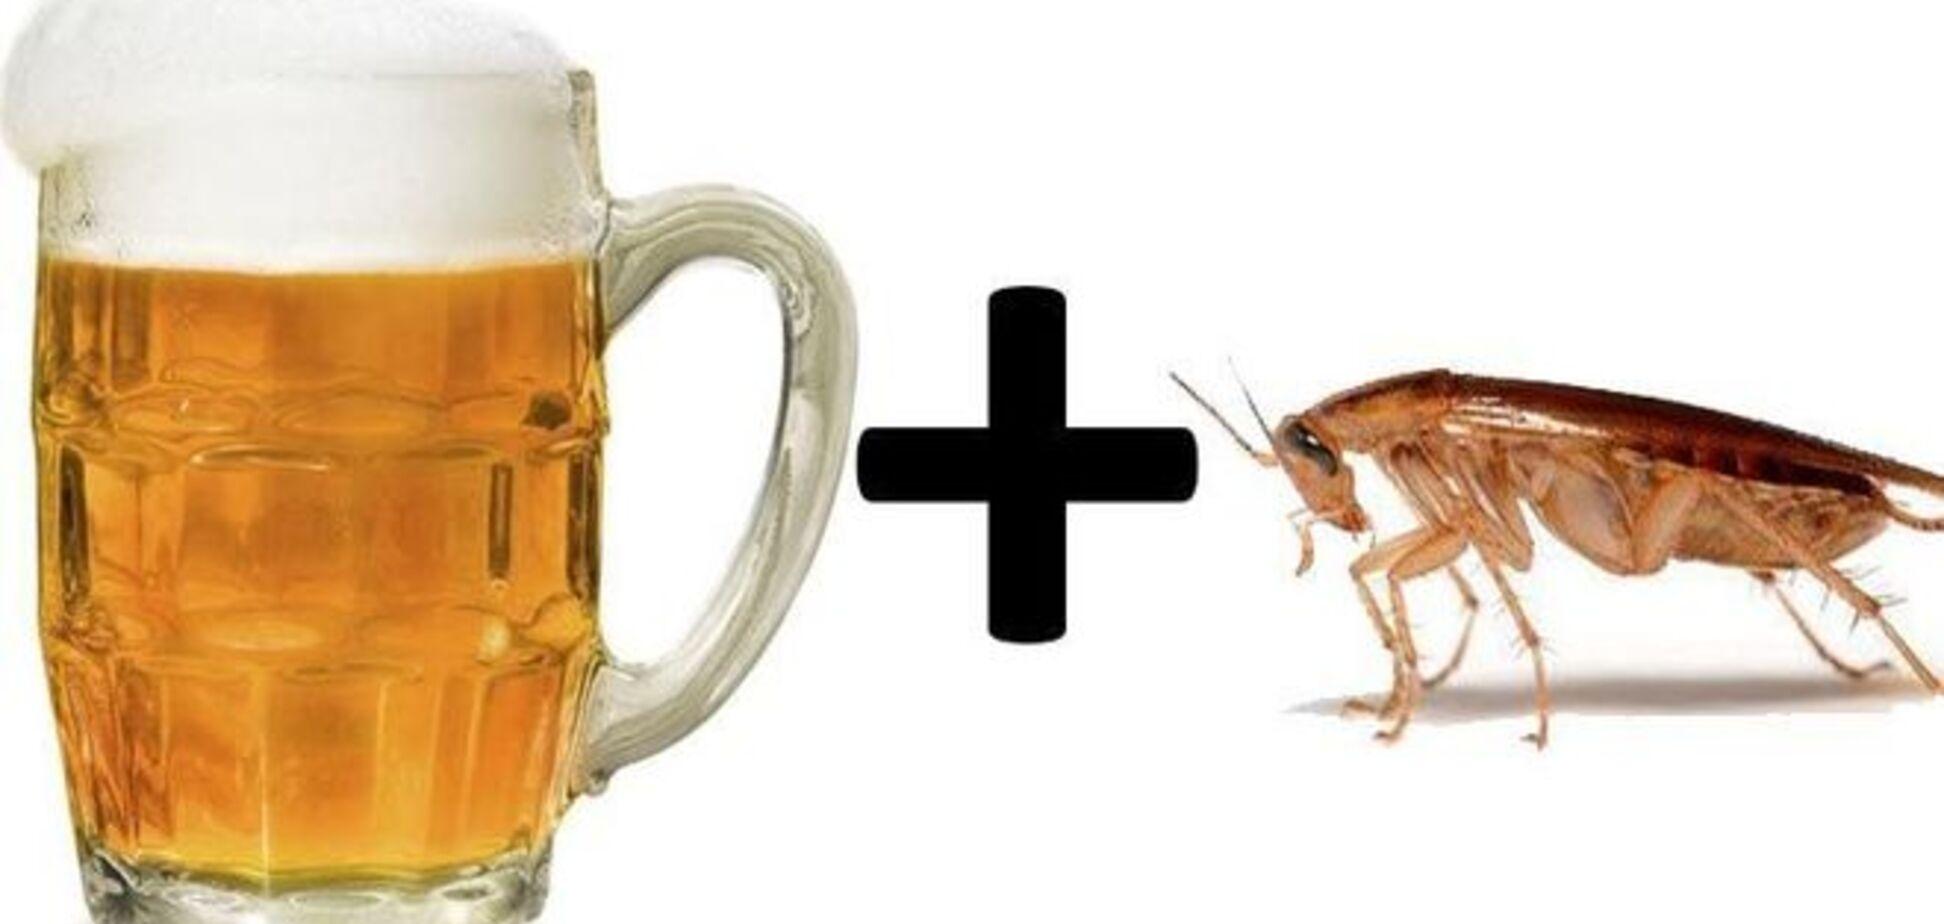 Интернет потрясло видео с тараканом-алкоголиком, который пьет пиво